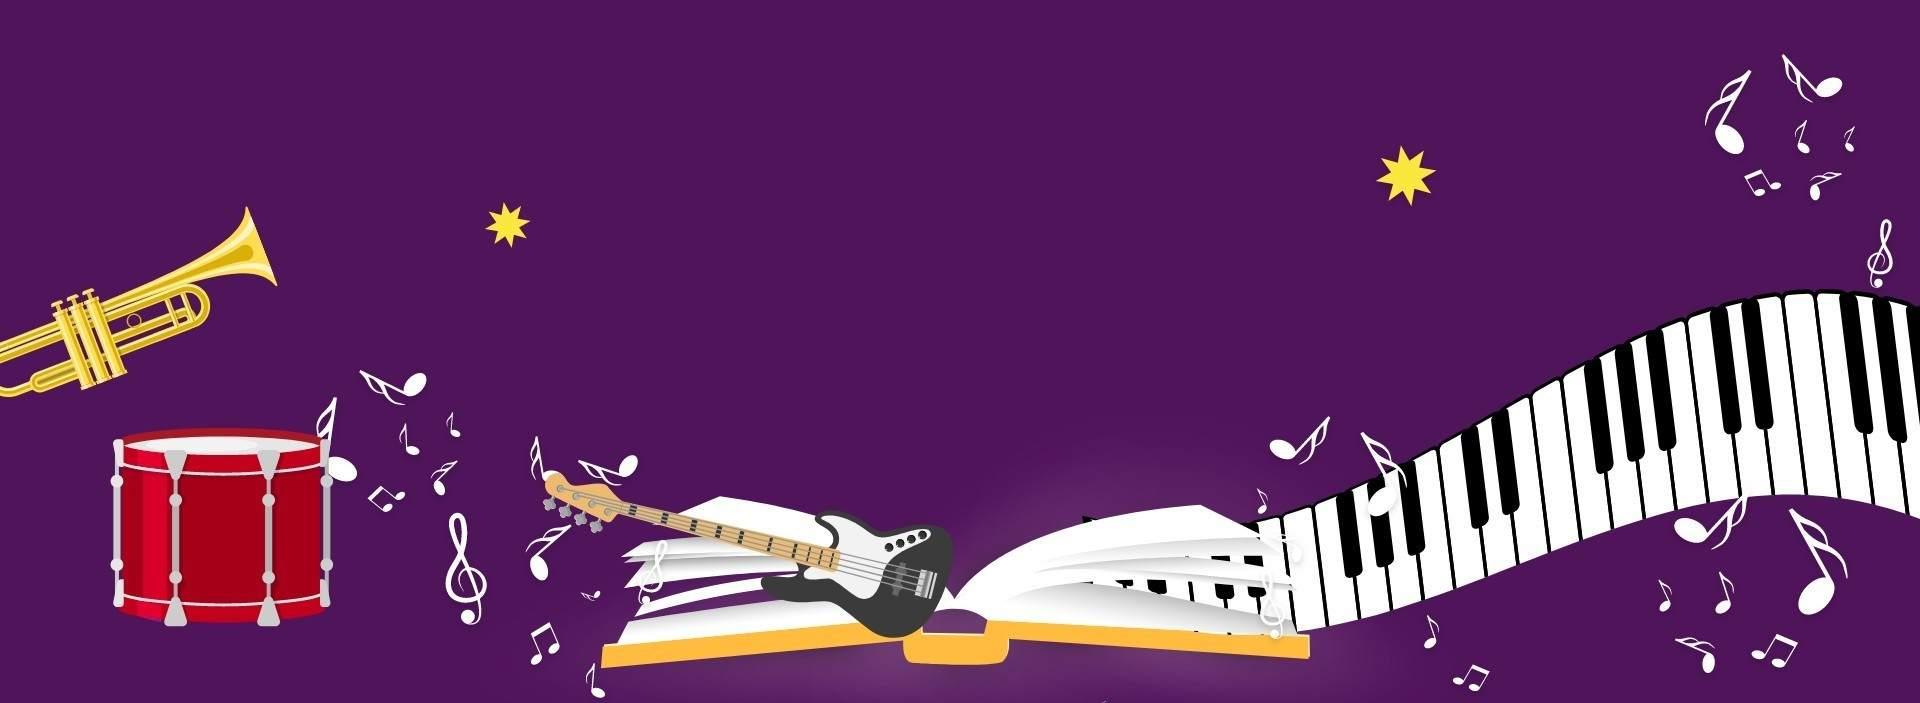 Audiolibri per bambini sulla musica |Mela Music